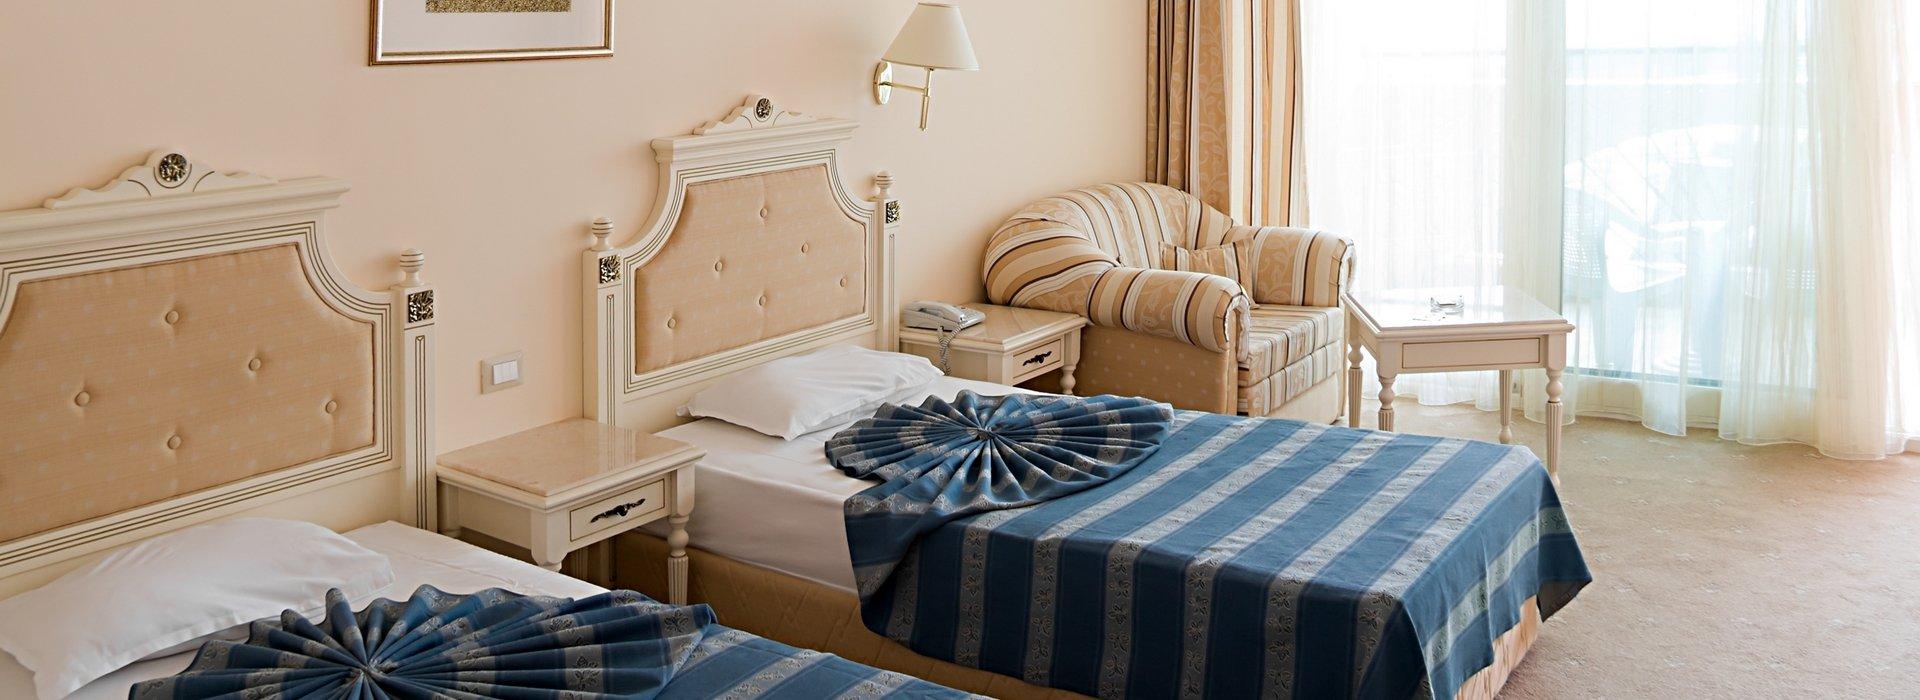 Budapesti Apartman Szállodák - Apartman Hotelek Budapest